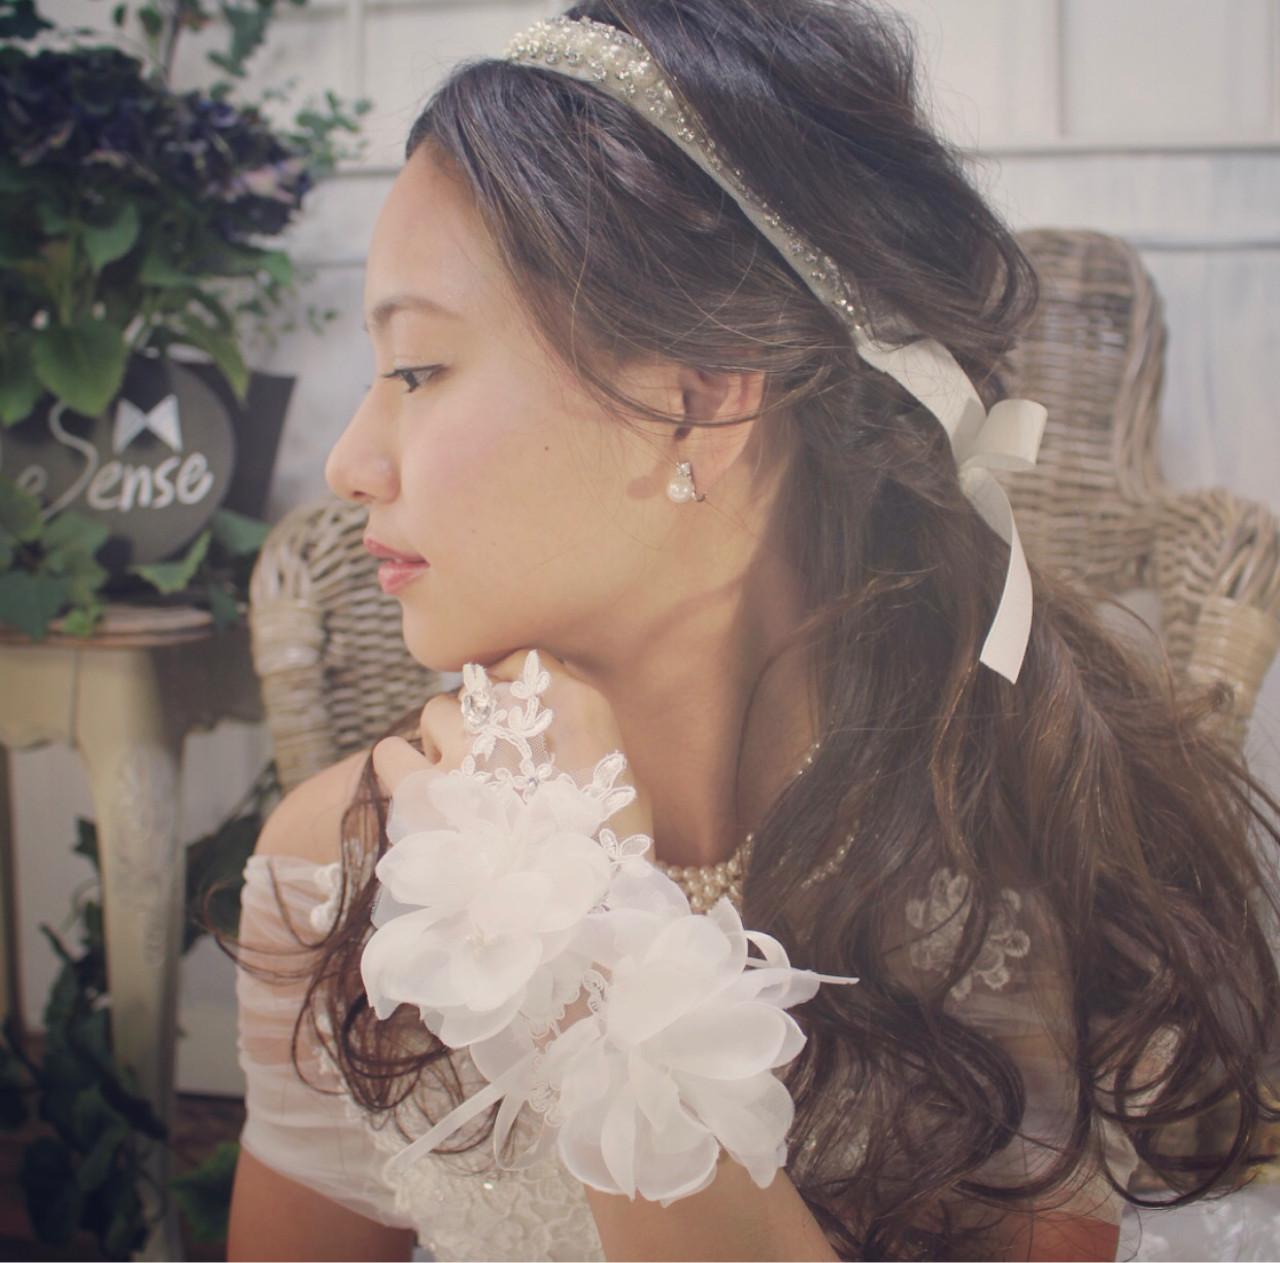 ブライダル 結婚式 ヘアアレンジ フェミニン ヘアスタイルや髪型の写真・画像 | yuuui /